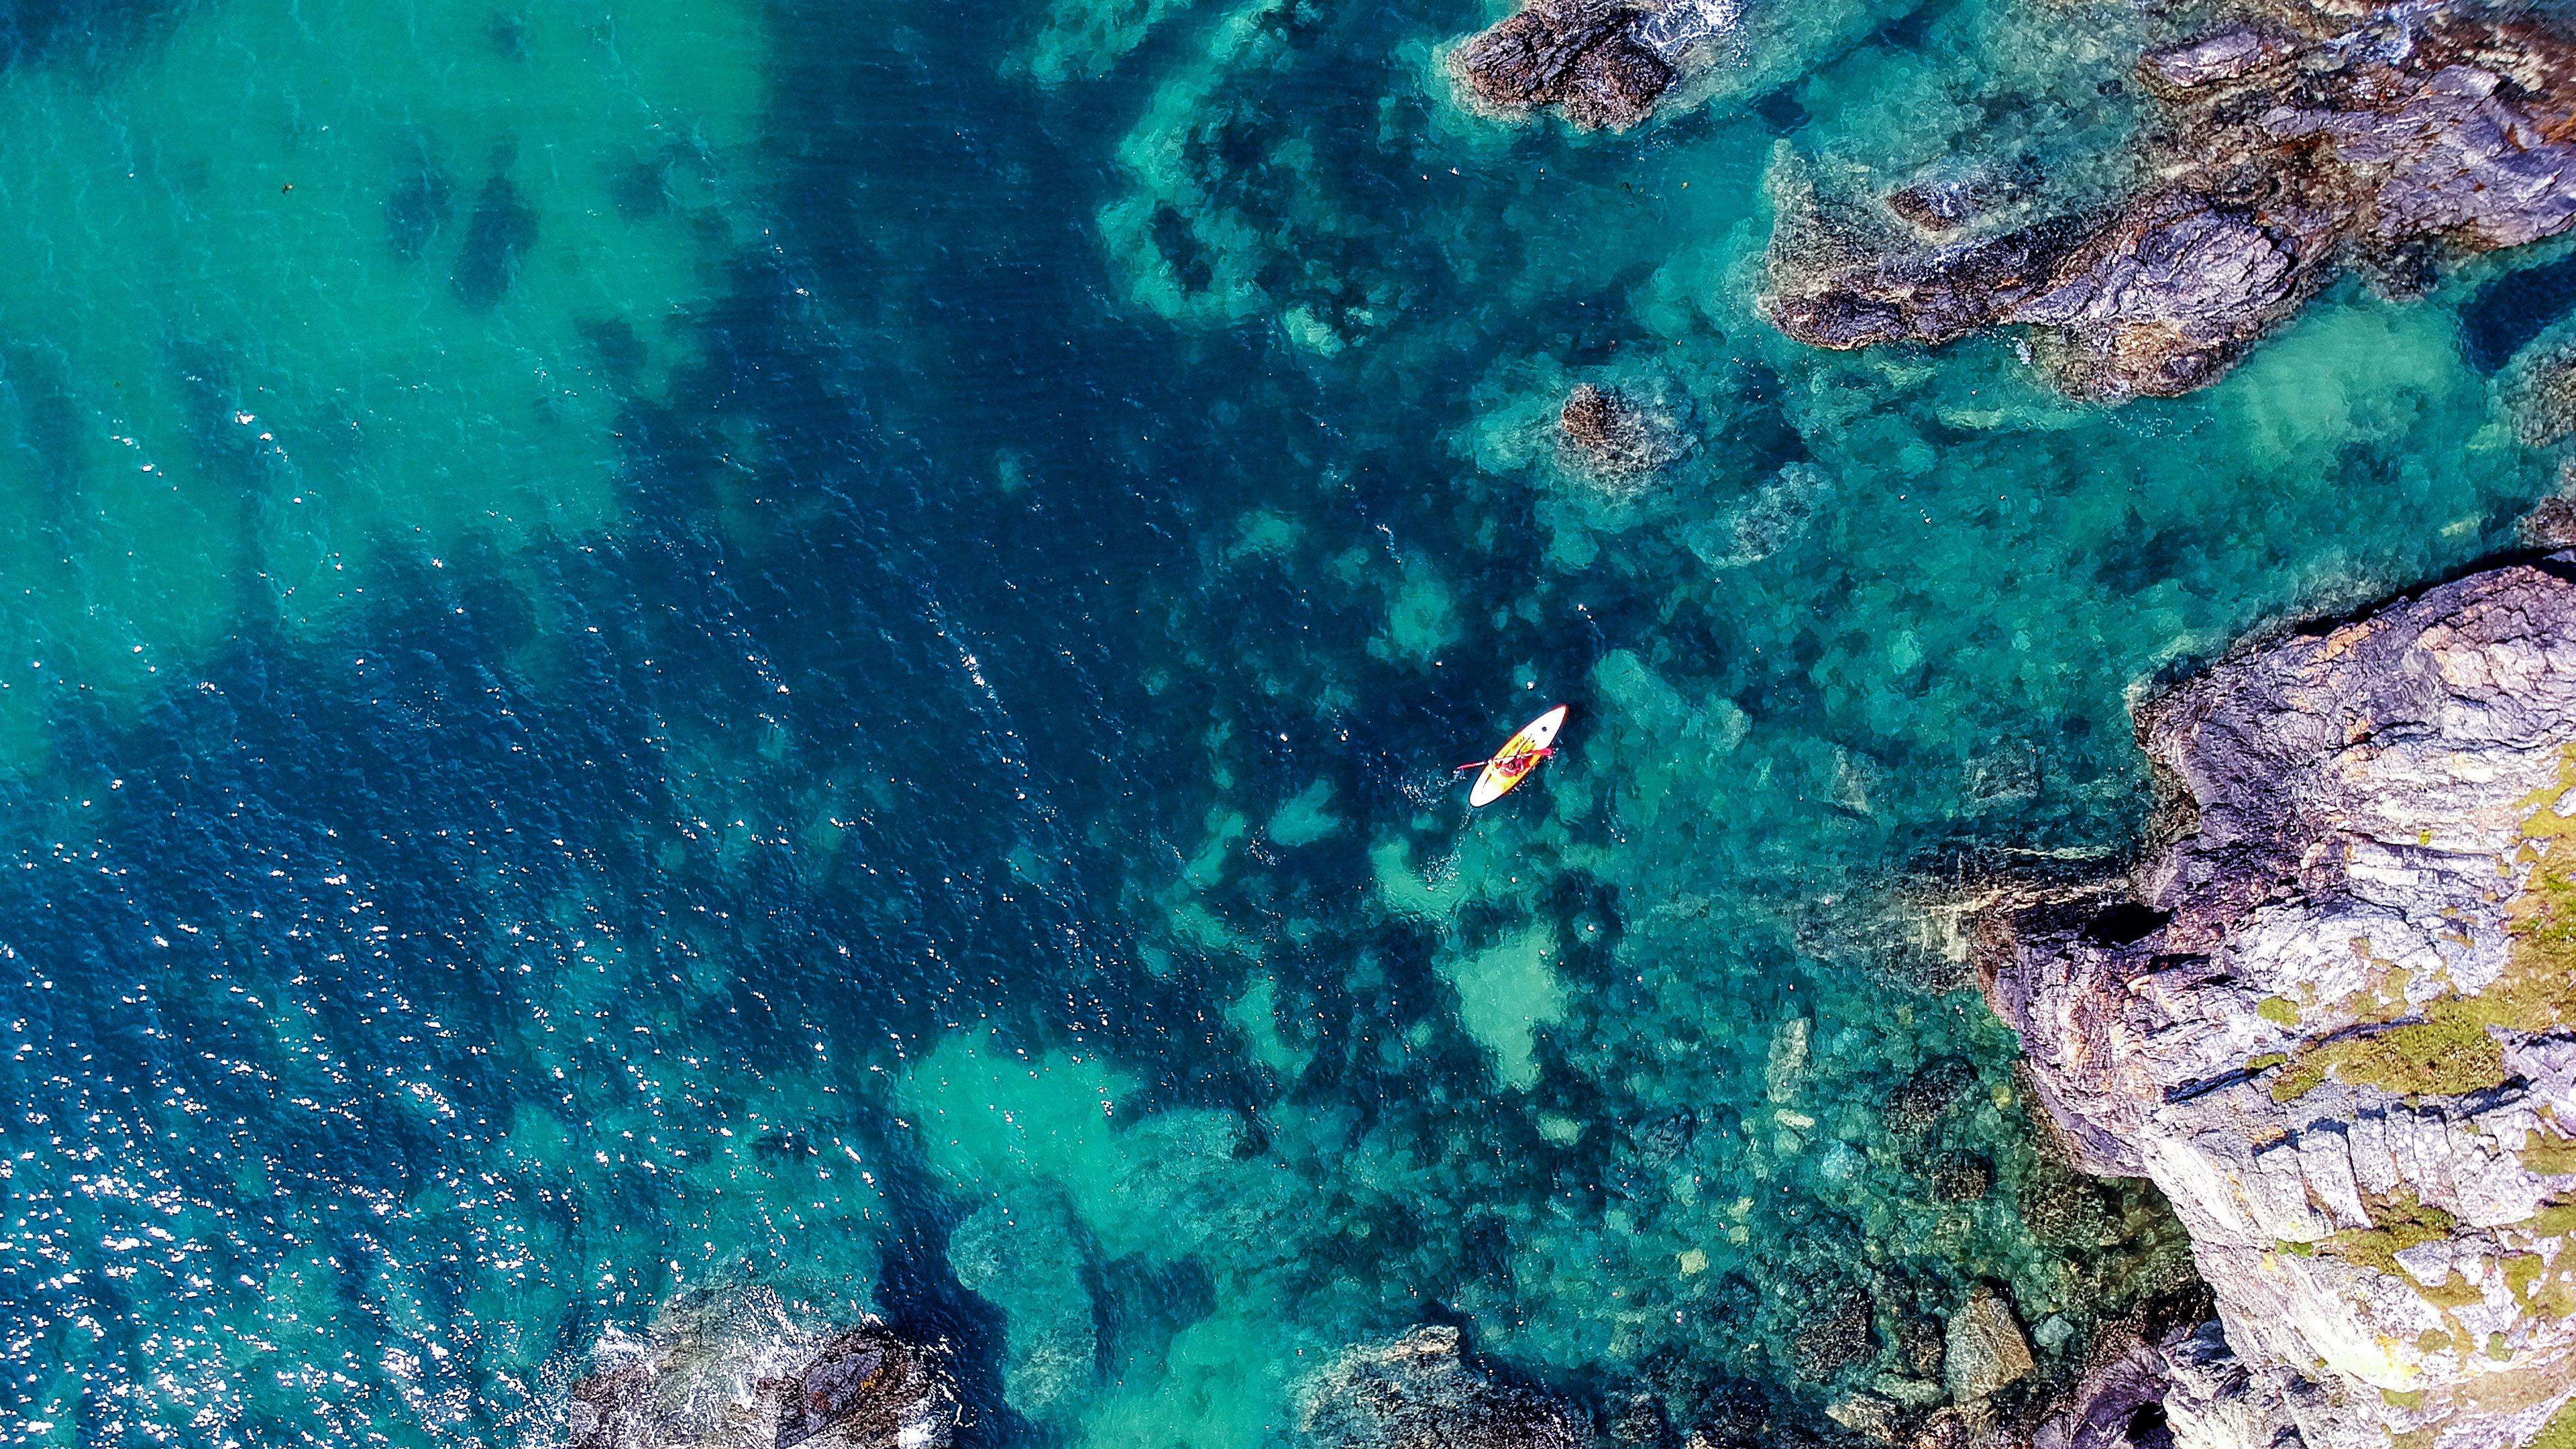 Аэрофотосъемка изумрудно-синего моря с серебристыми брызгами и горами